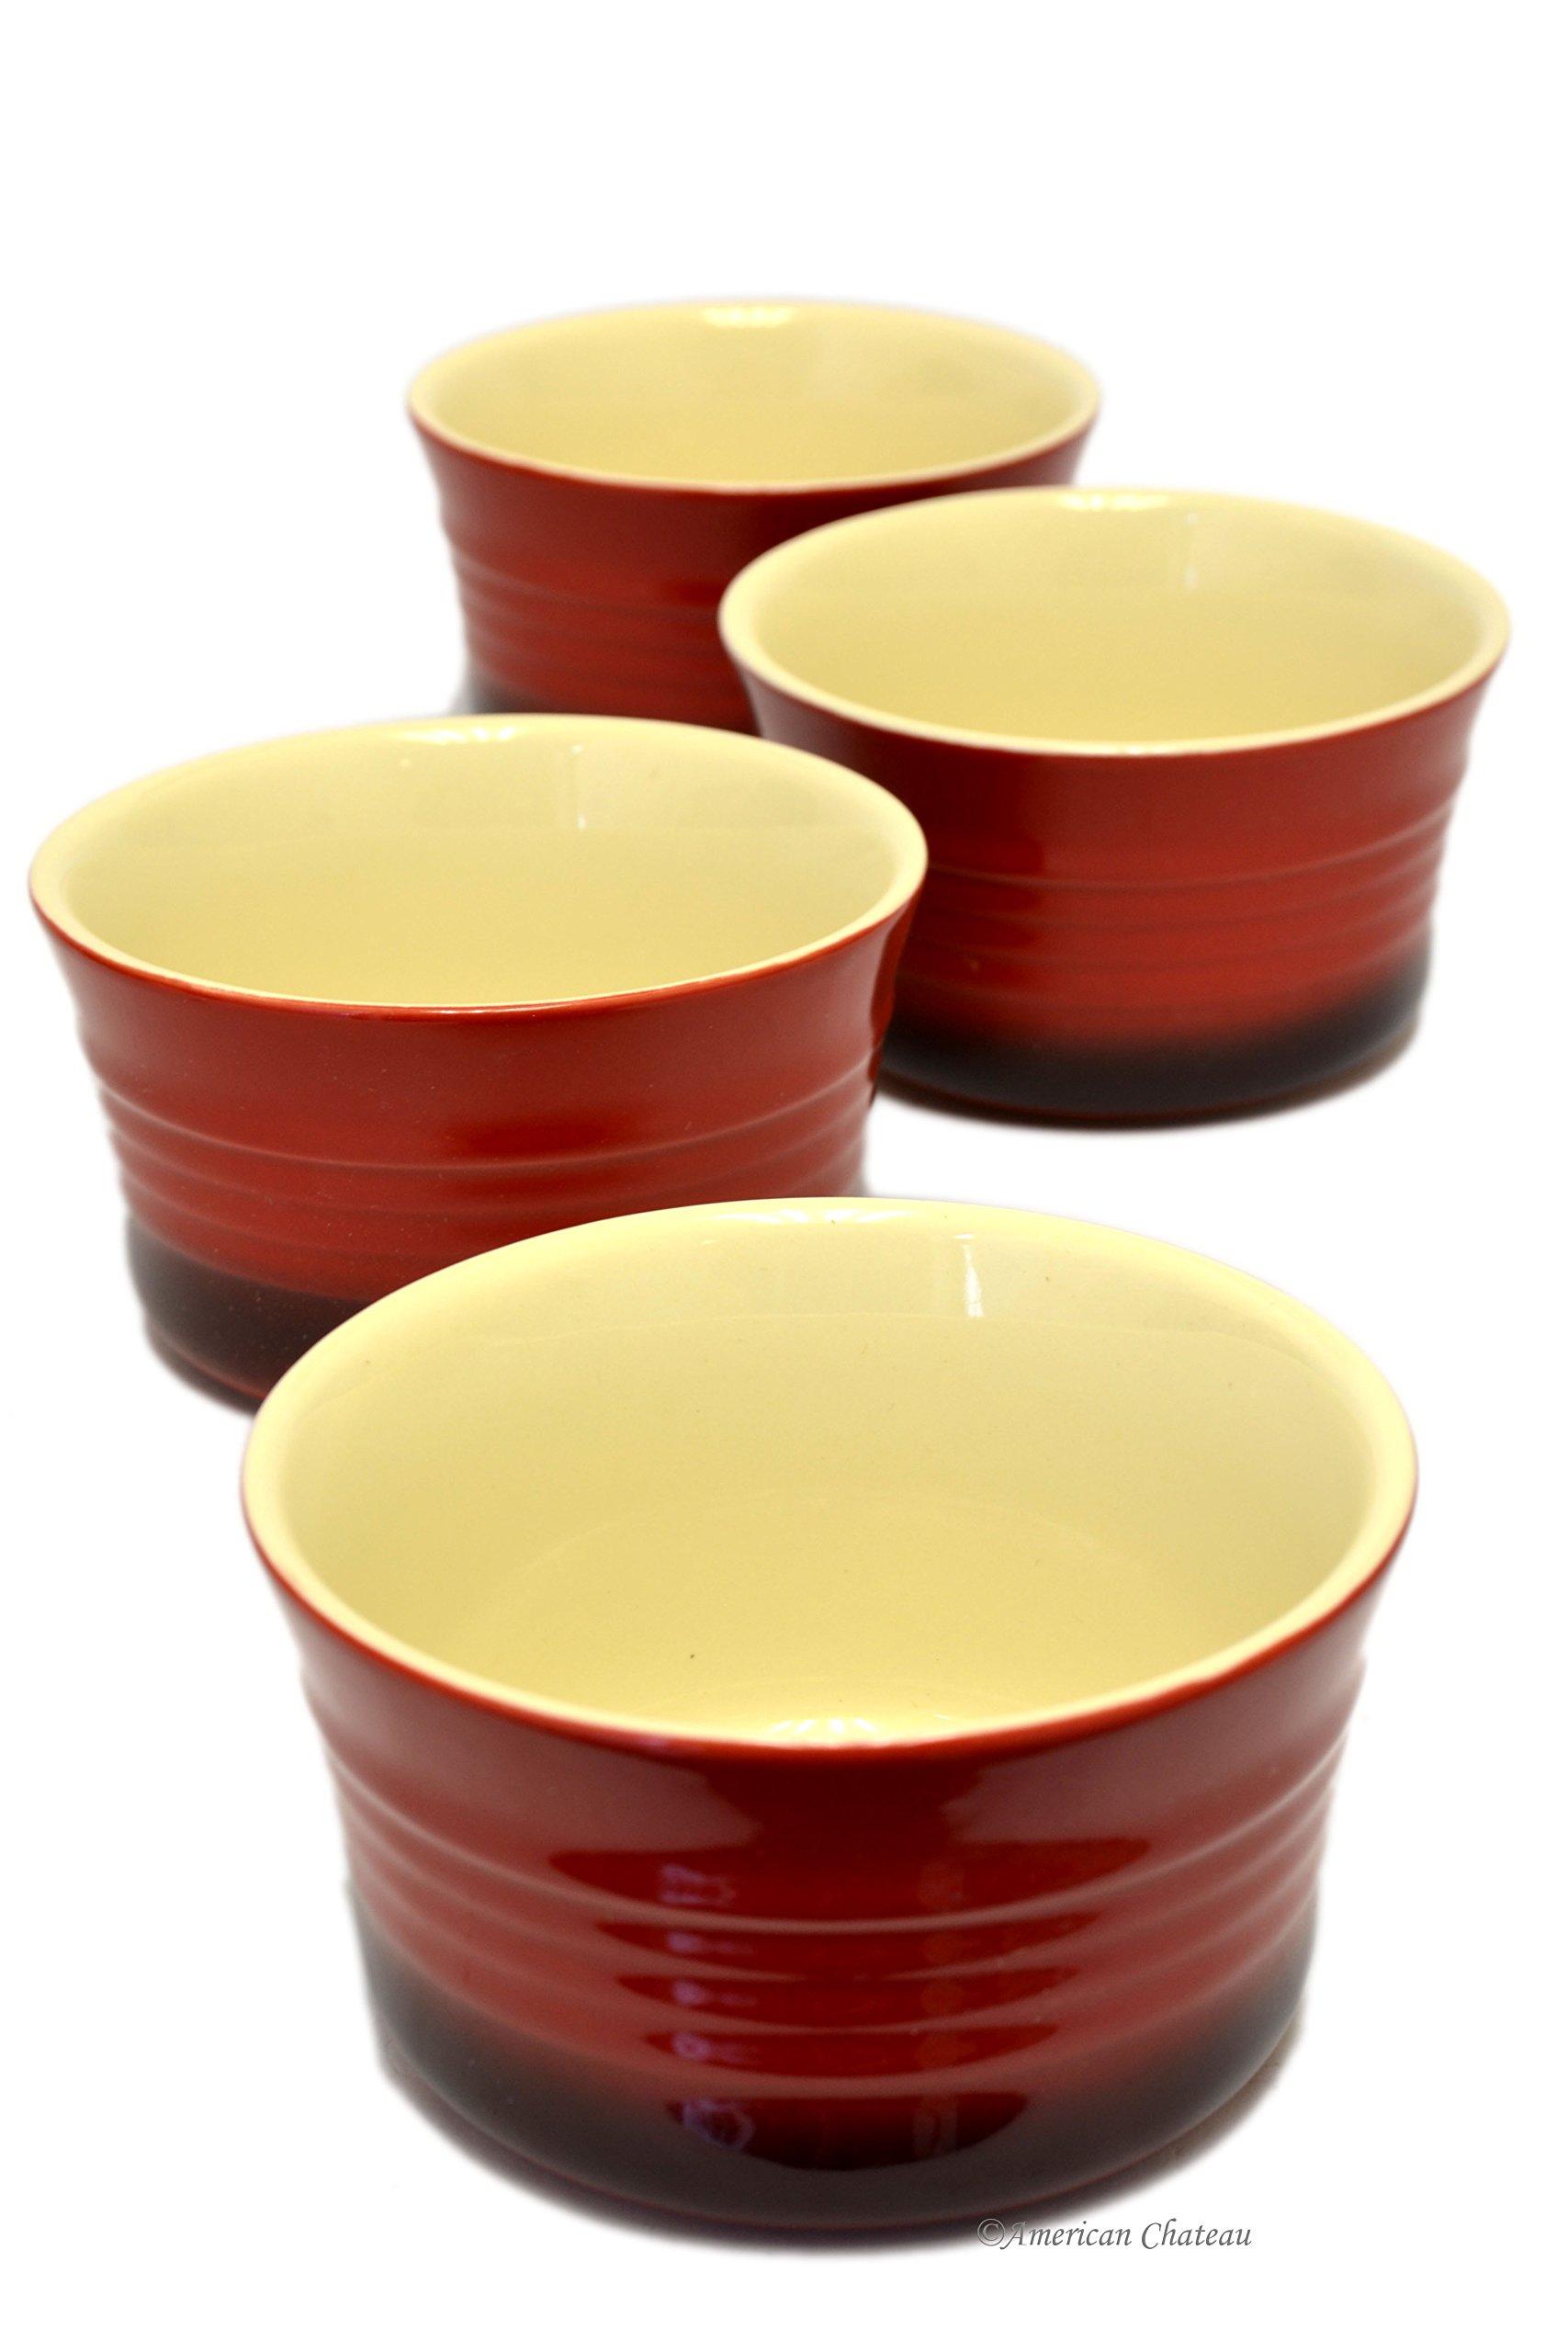 Set of 12 Vintage-Red Ribbed 9oz Baking Dish Ramekins